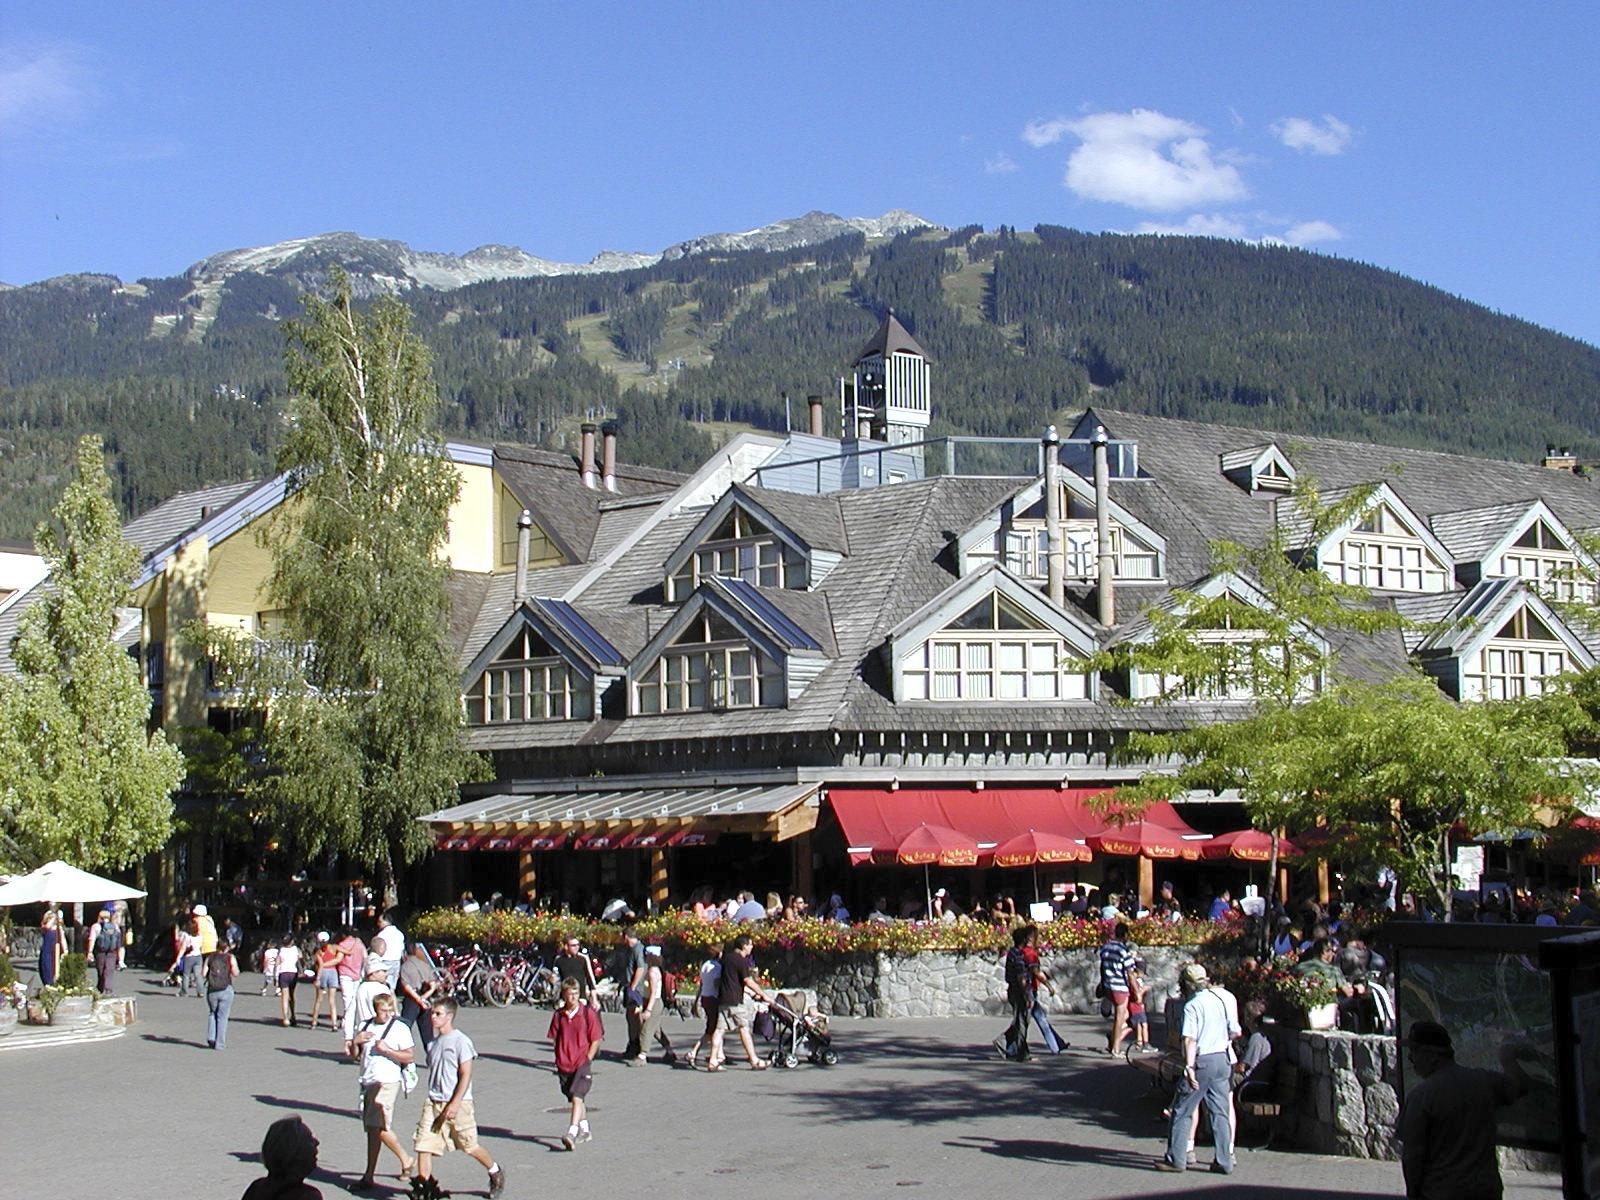 whistler-village-53495